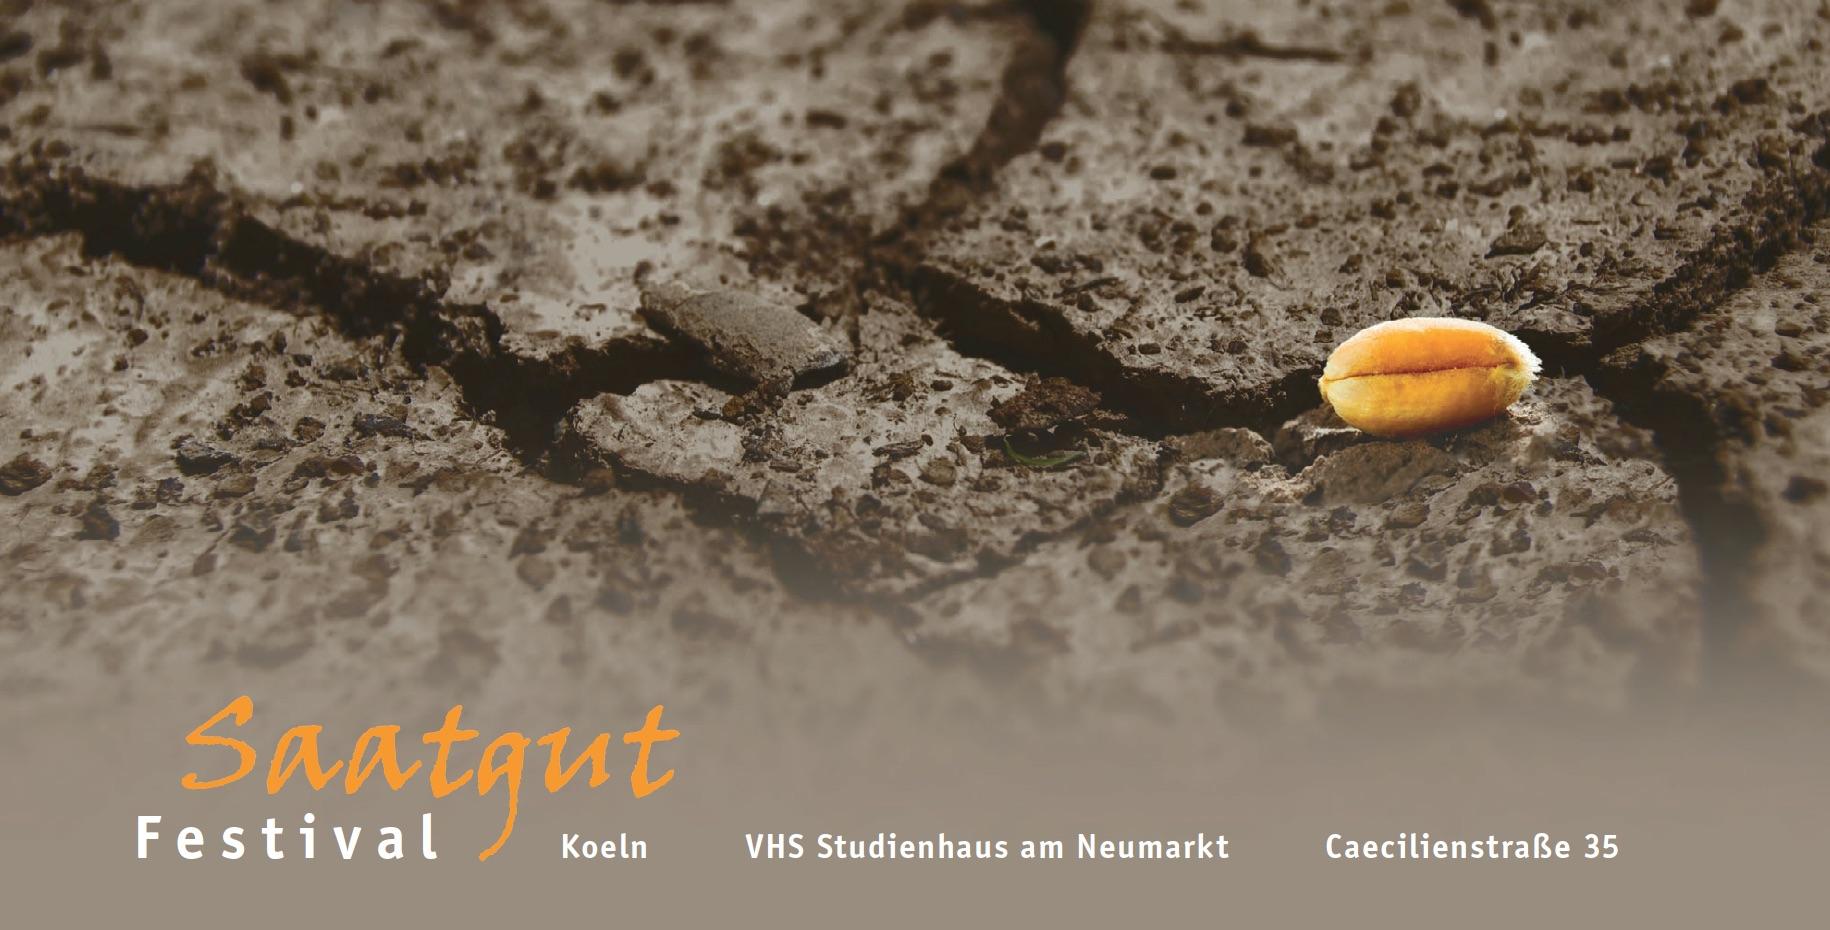 Saatgutfestival 2019 am 23.2. ab 11:00